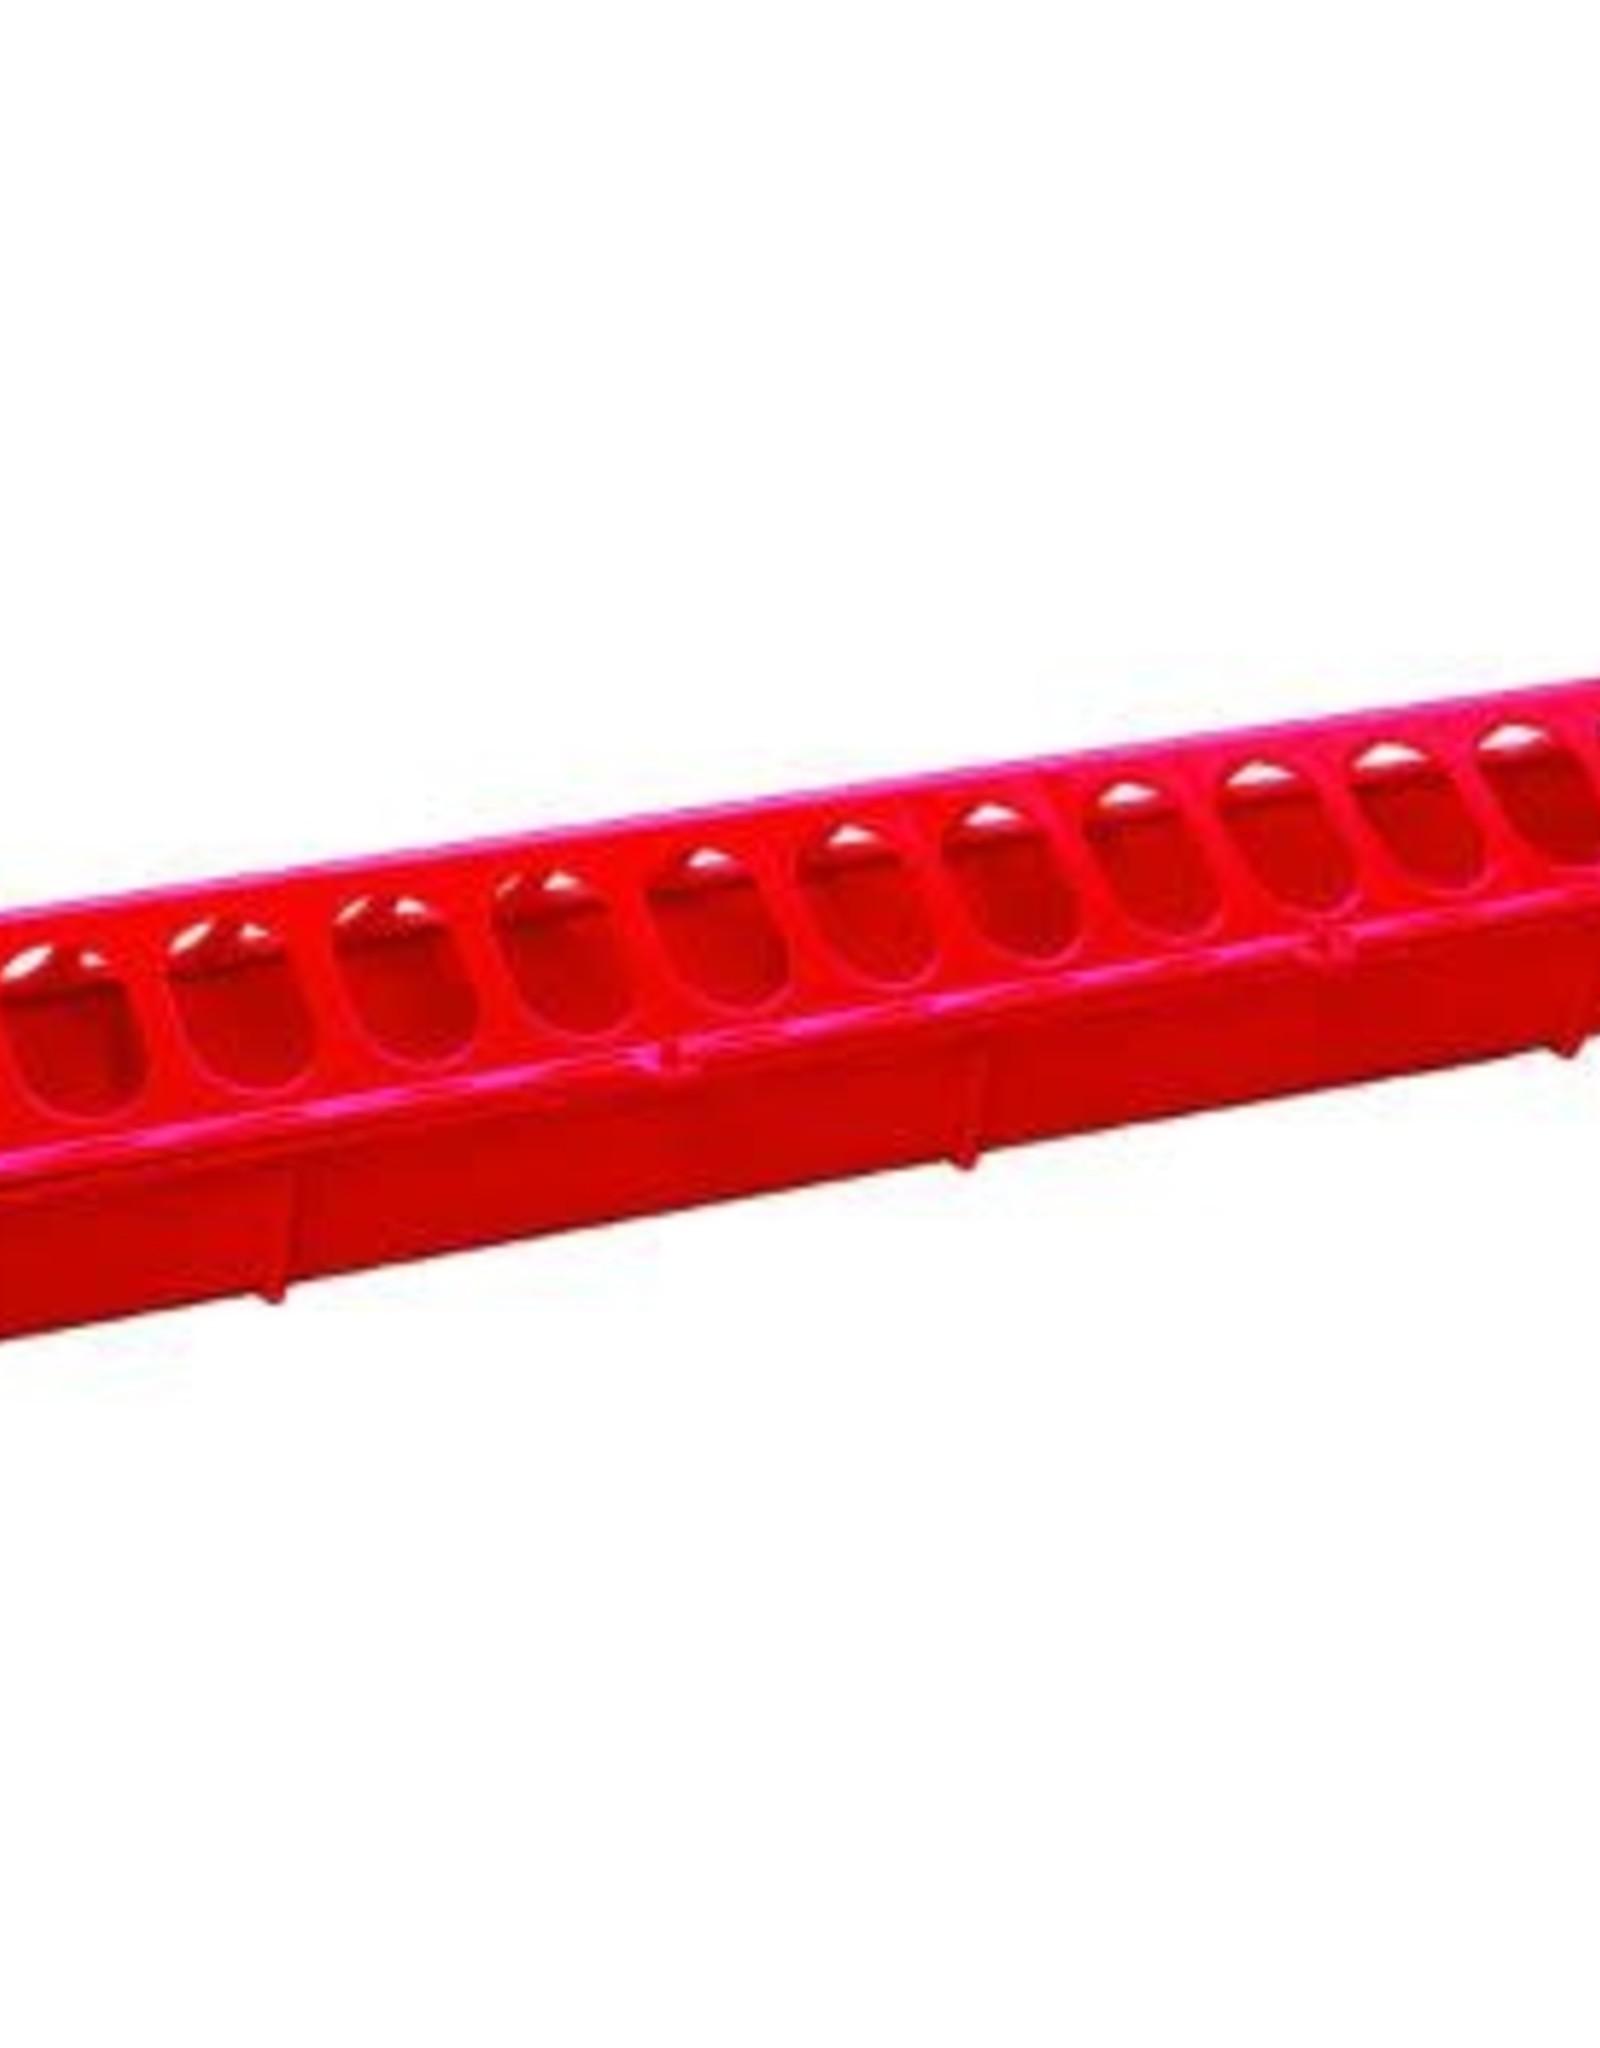 MILLER MANUFACTURING FEEDER 20 INCH CHICKEN PLASTIC RED